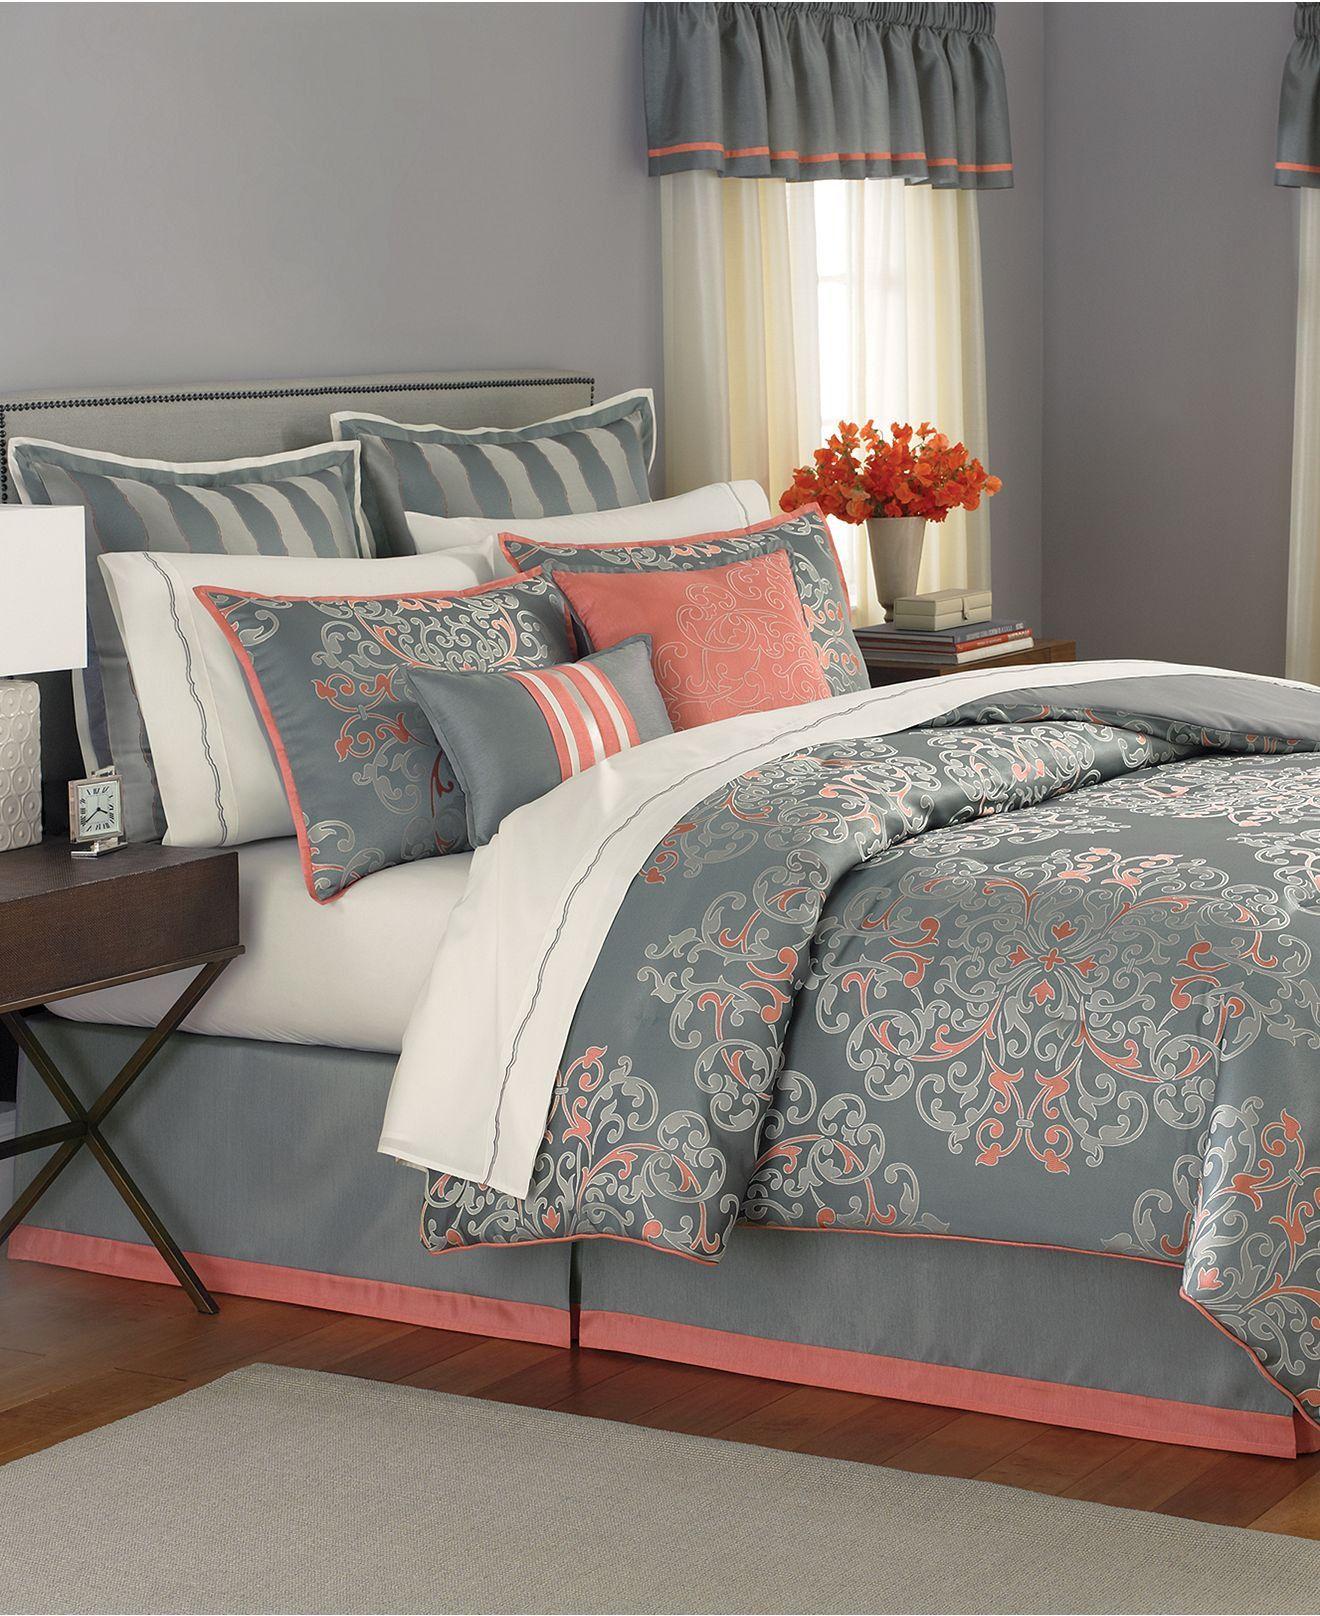 martha stewart collection bedding, grand damask 24 piece queen